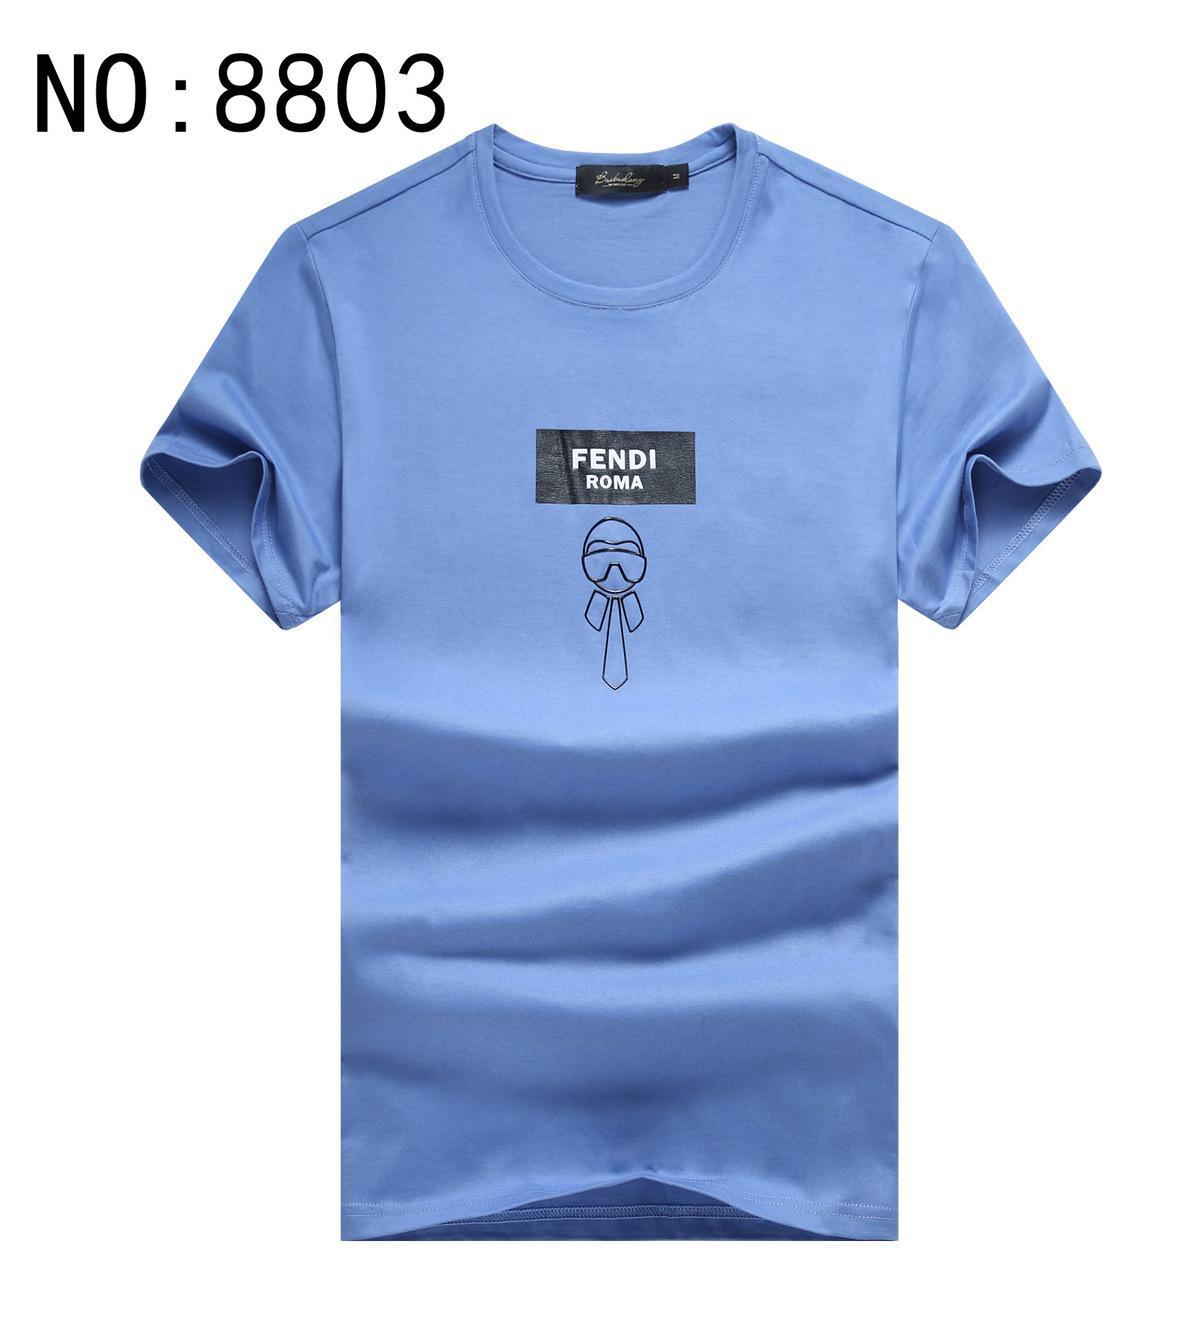 Acheter Été Mince Section Homme Col Rond Pitié Mode Jeunes Pur Coton  Loisirs Temps Facile Manches Courtes À Manches Courtes T Shirt De  28.95 Du  Zjy521 ... c73e51f99d2